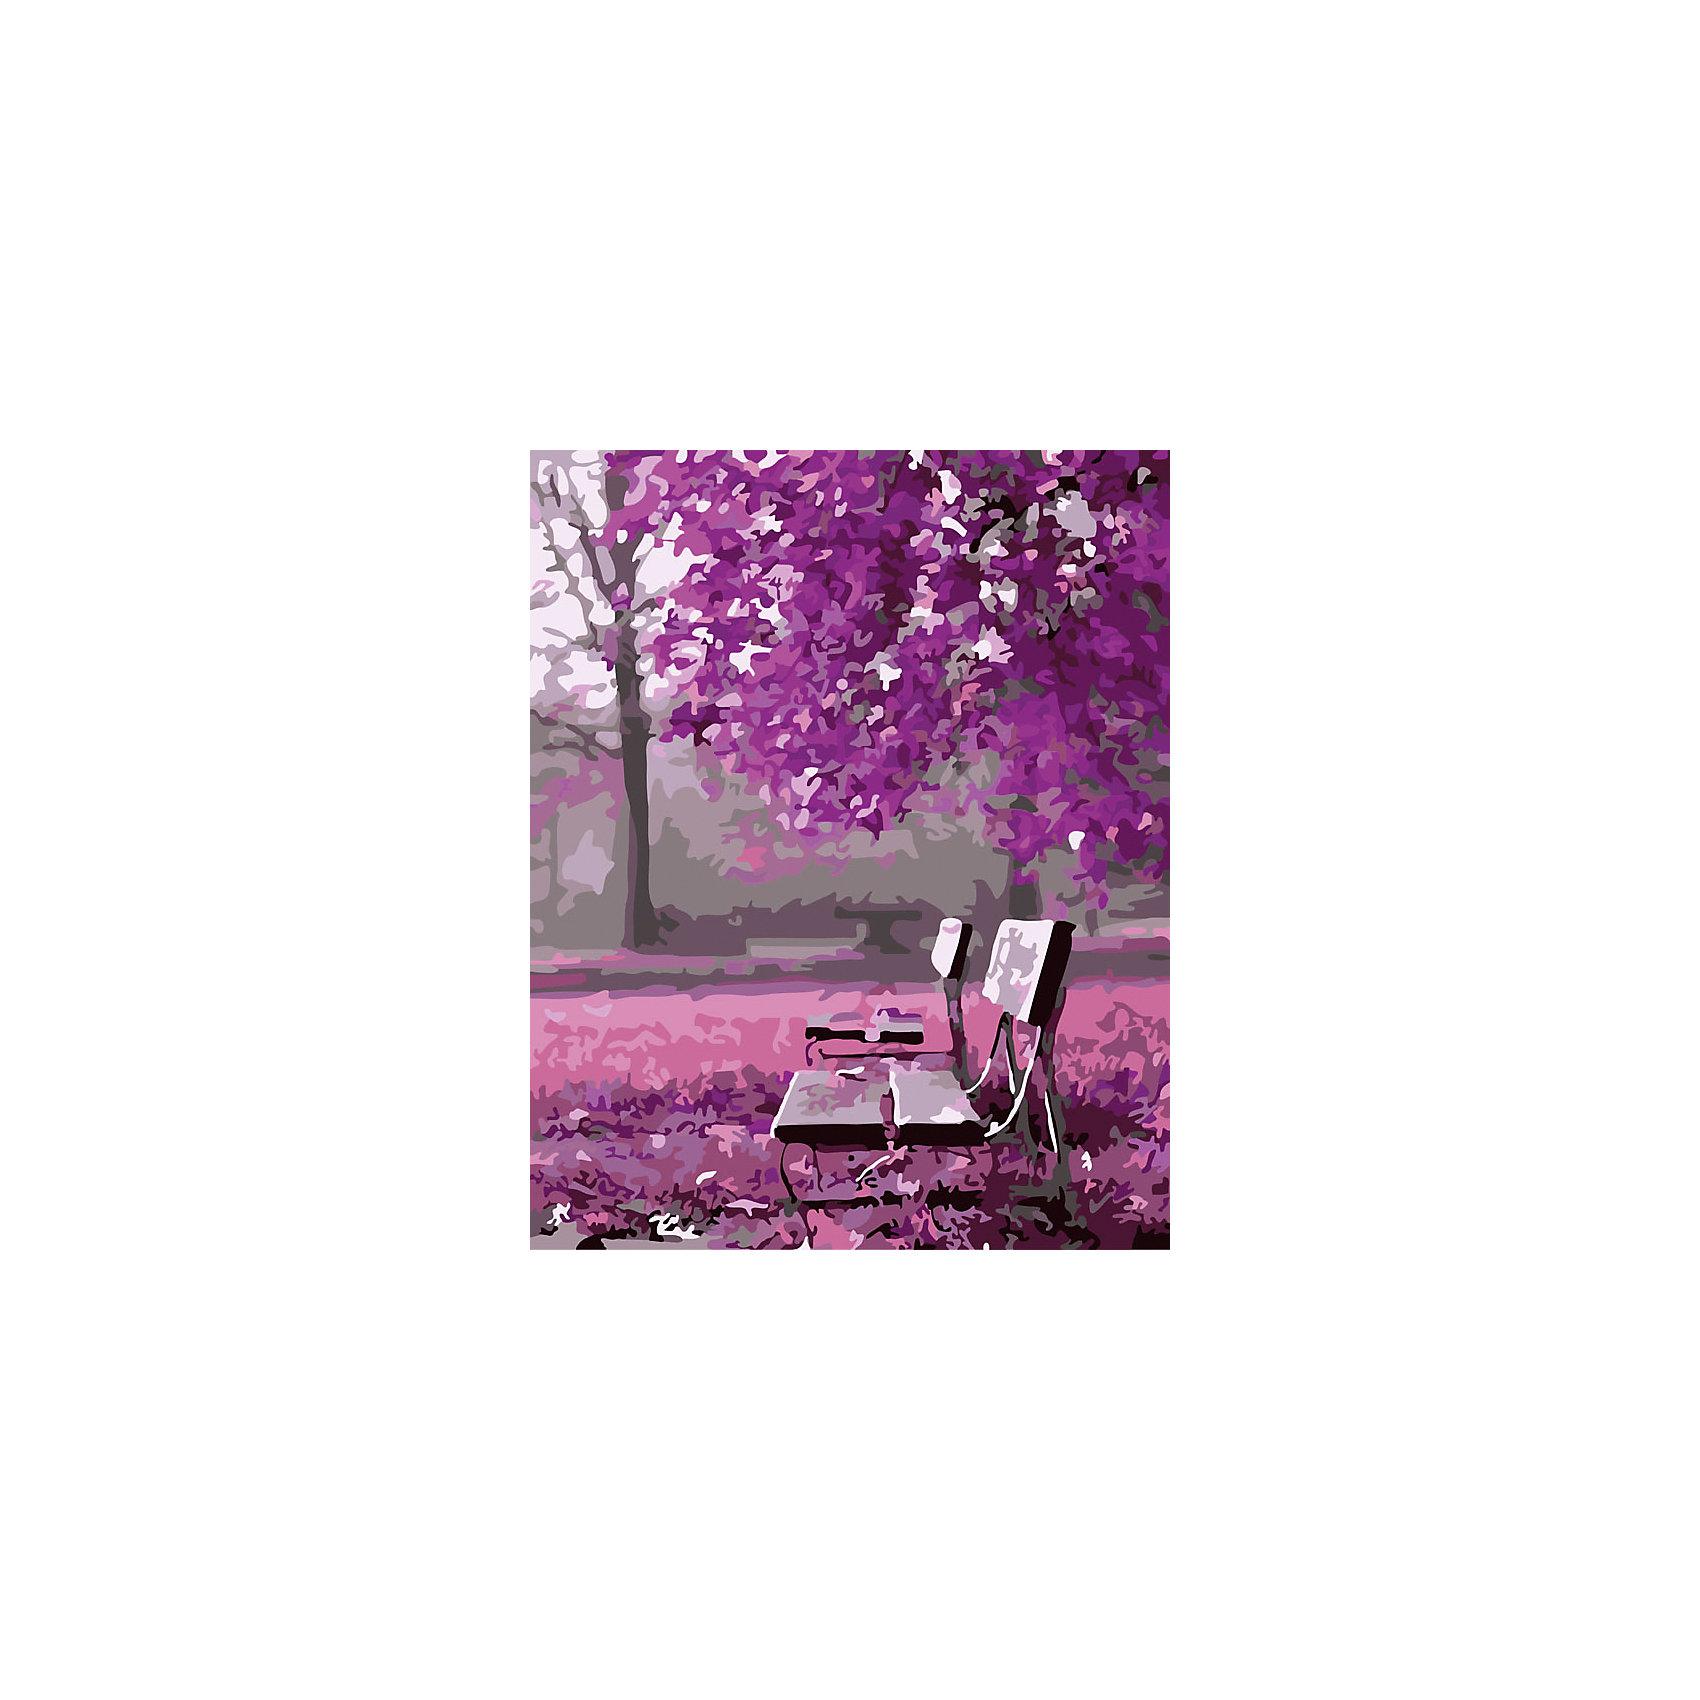 Живопись на холсте 40*50 см Сиреневый вечерХарактеристики товара:<br><br>• цвет: разноцветный<br>• материал: акрил, картон<br>• размер: 50 x 40 см<br>• комплектация: полотно на подрамнике с контурами рисунка, пробный лист с рисунком, набор акриловых красок, три кисти, крепление на стену для картины<br>• для детей от шести лет и взрослых<br>• не требует специальных навыков<br>• страна бренда: Китай<br>• страна изготовитель: Китай<br><br>Такой набор станет отличным подарком и для взрослого, и для ребенка! Рисование помогает развить различные навыки и просто приносит удовольствие! Чтобы вселить в ребенка уверенность в своих силах, можно предложить ему этот набор - в нем уже есть сюжет, контуры рисунка и участки с номерами, которые обозначают определенную краску из набора. Все оттенки уже готовы, задача художника - аккуратно, с помощью кисточек из набора, нанести краски на определенный участок полотна.<br>Взрослым также понравится этот процесс, рисовать можно и вместе с малышом! В итоге получается красивая картина, которой можно украсить интерьер. Рисование способствует развитию мелкой моторики, воображения, цветовосприятия, творческих способностей и усидчивости. Набор отлично проработан, сделан из качественных и проверенных материалов, которые безопасны для детей. Краски - акриловые, они быстро сохнут и легко смываются с кожи.<br><br>Живопись на холсте 40*50 см Сиреневый вечер от торговой марки Белоснежка можно купить в нашем интернет-магазине.<br><br>Ширина мм: 510<br>Глубина мм: 410<br>Высота мм: 25<br>Вес г: 850<br>Возраст от месяцев: 72<br>Возраст до месяцев: 144<br>Пол: Унисекс<br>Возраст: Детский<br>SKU: 5089741